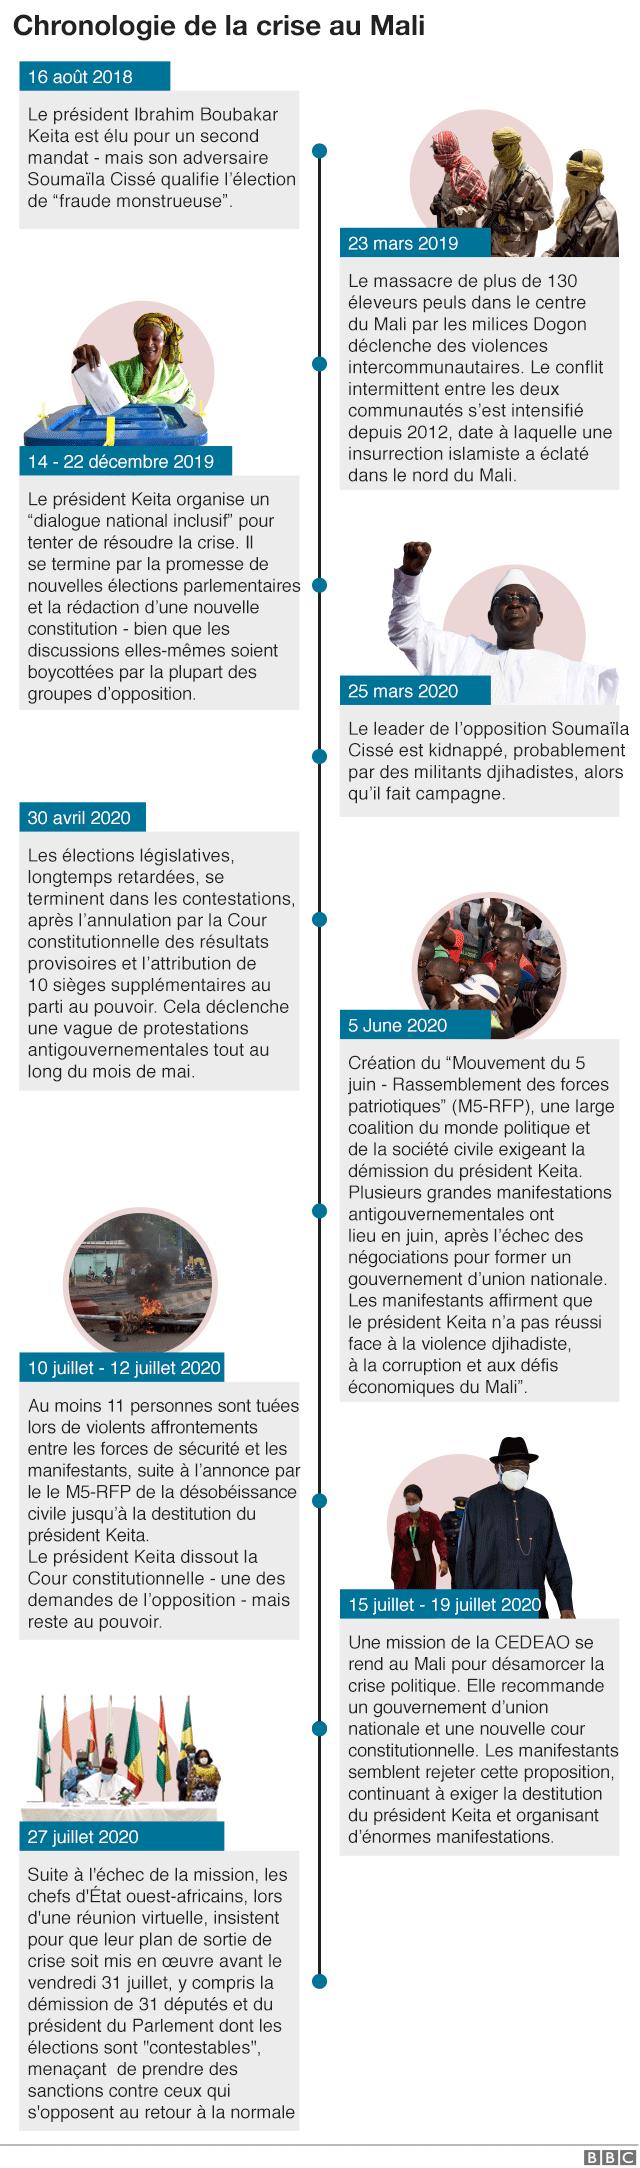 Chronologie des événements au Mali